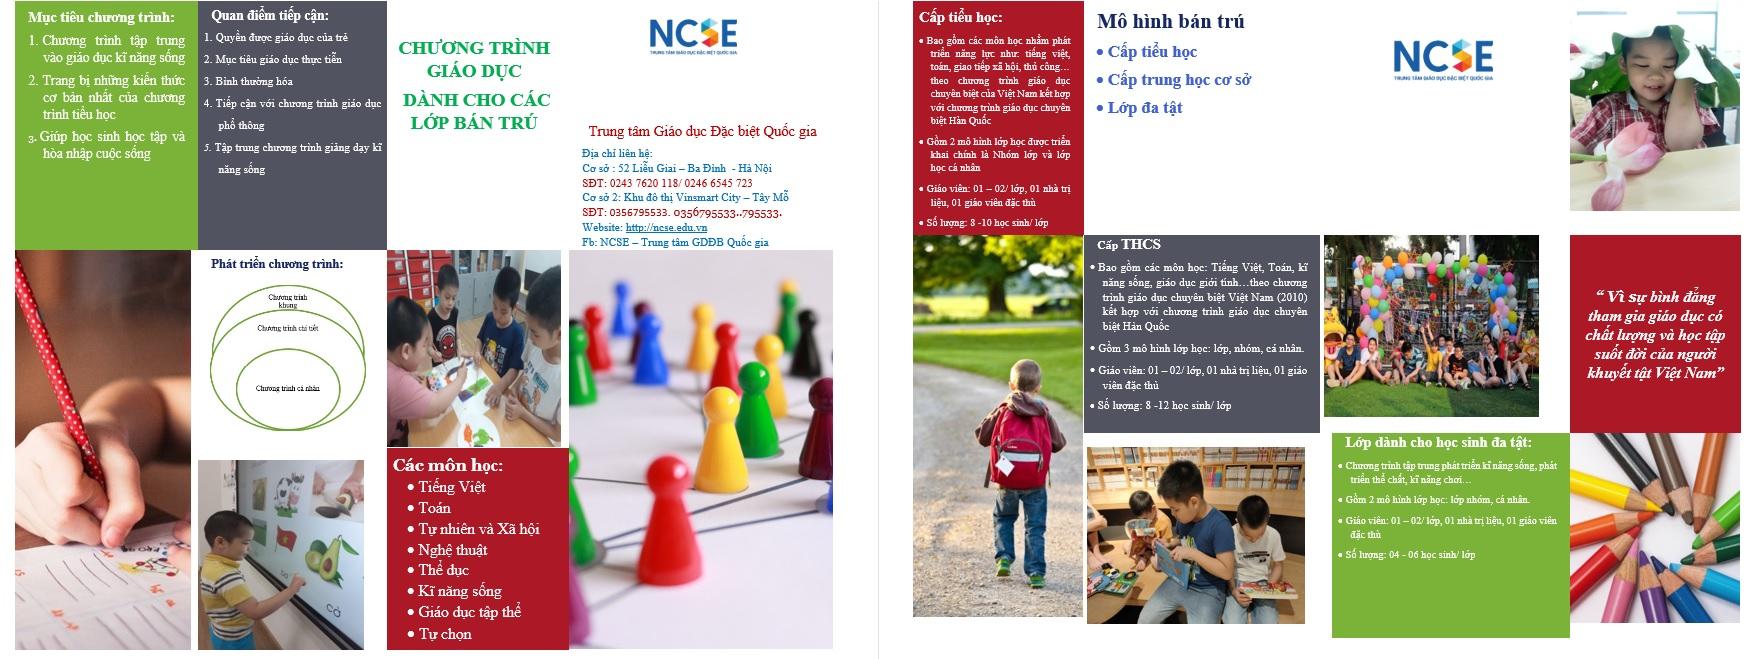 Chương trình giáo dục dành cho lớp bán trú tại Trung tâm Giáo dục Đặc biệt Quốc gia